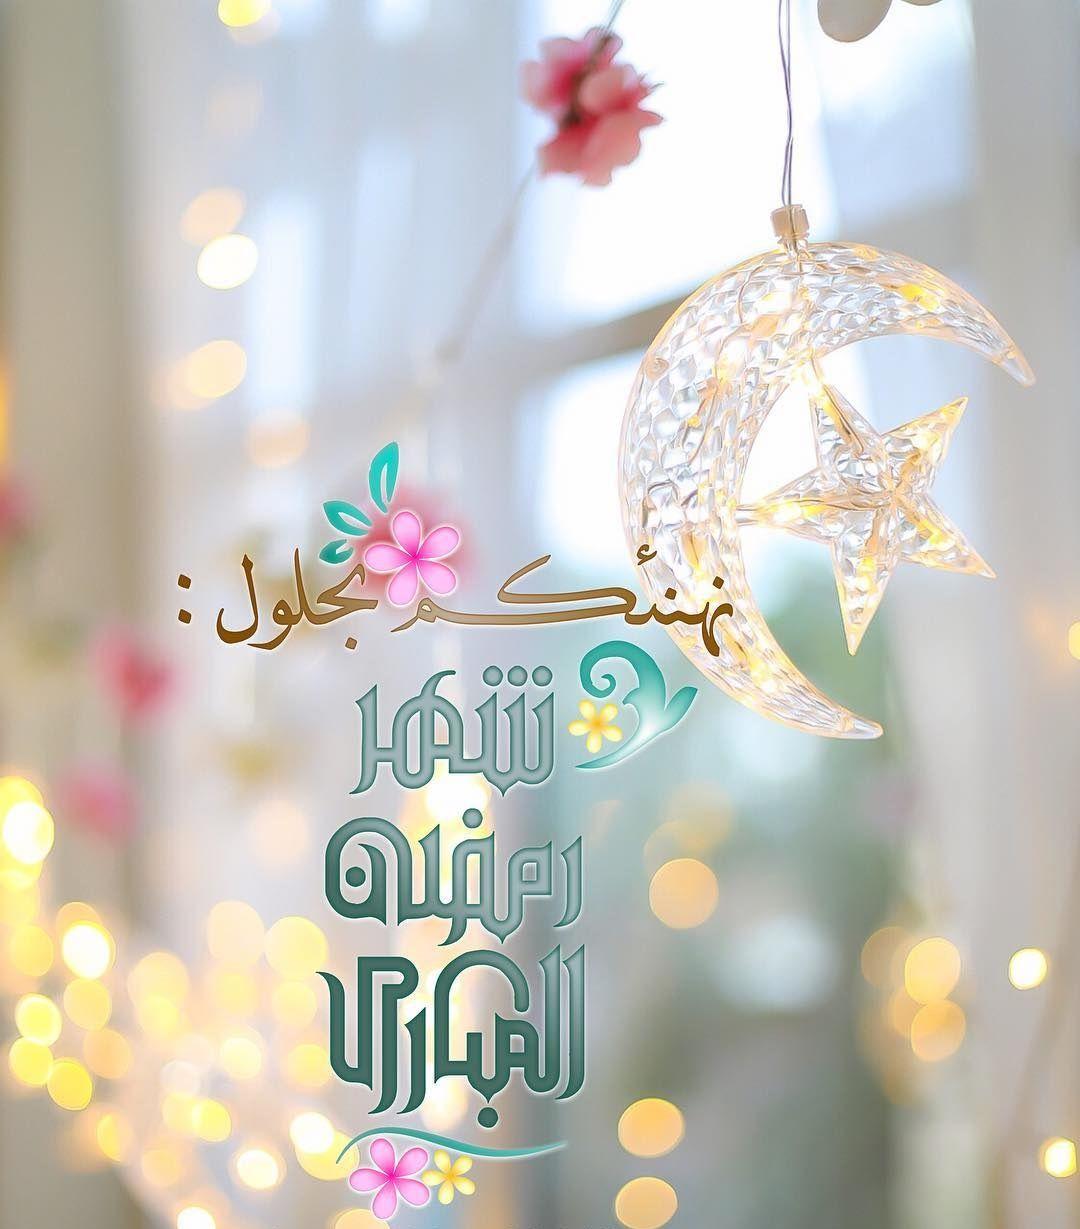 Pin By رغــــــد On رمــــضــان Ramadan Sweets Ramadan Day Ramadan